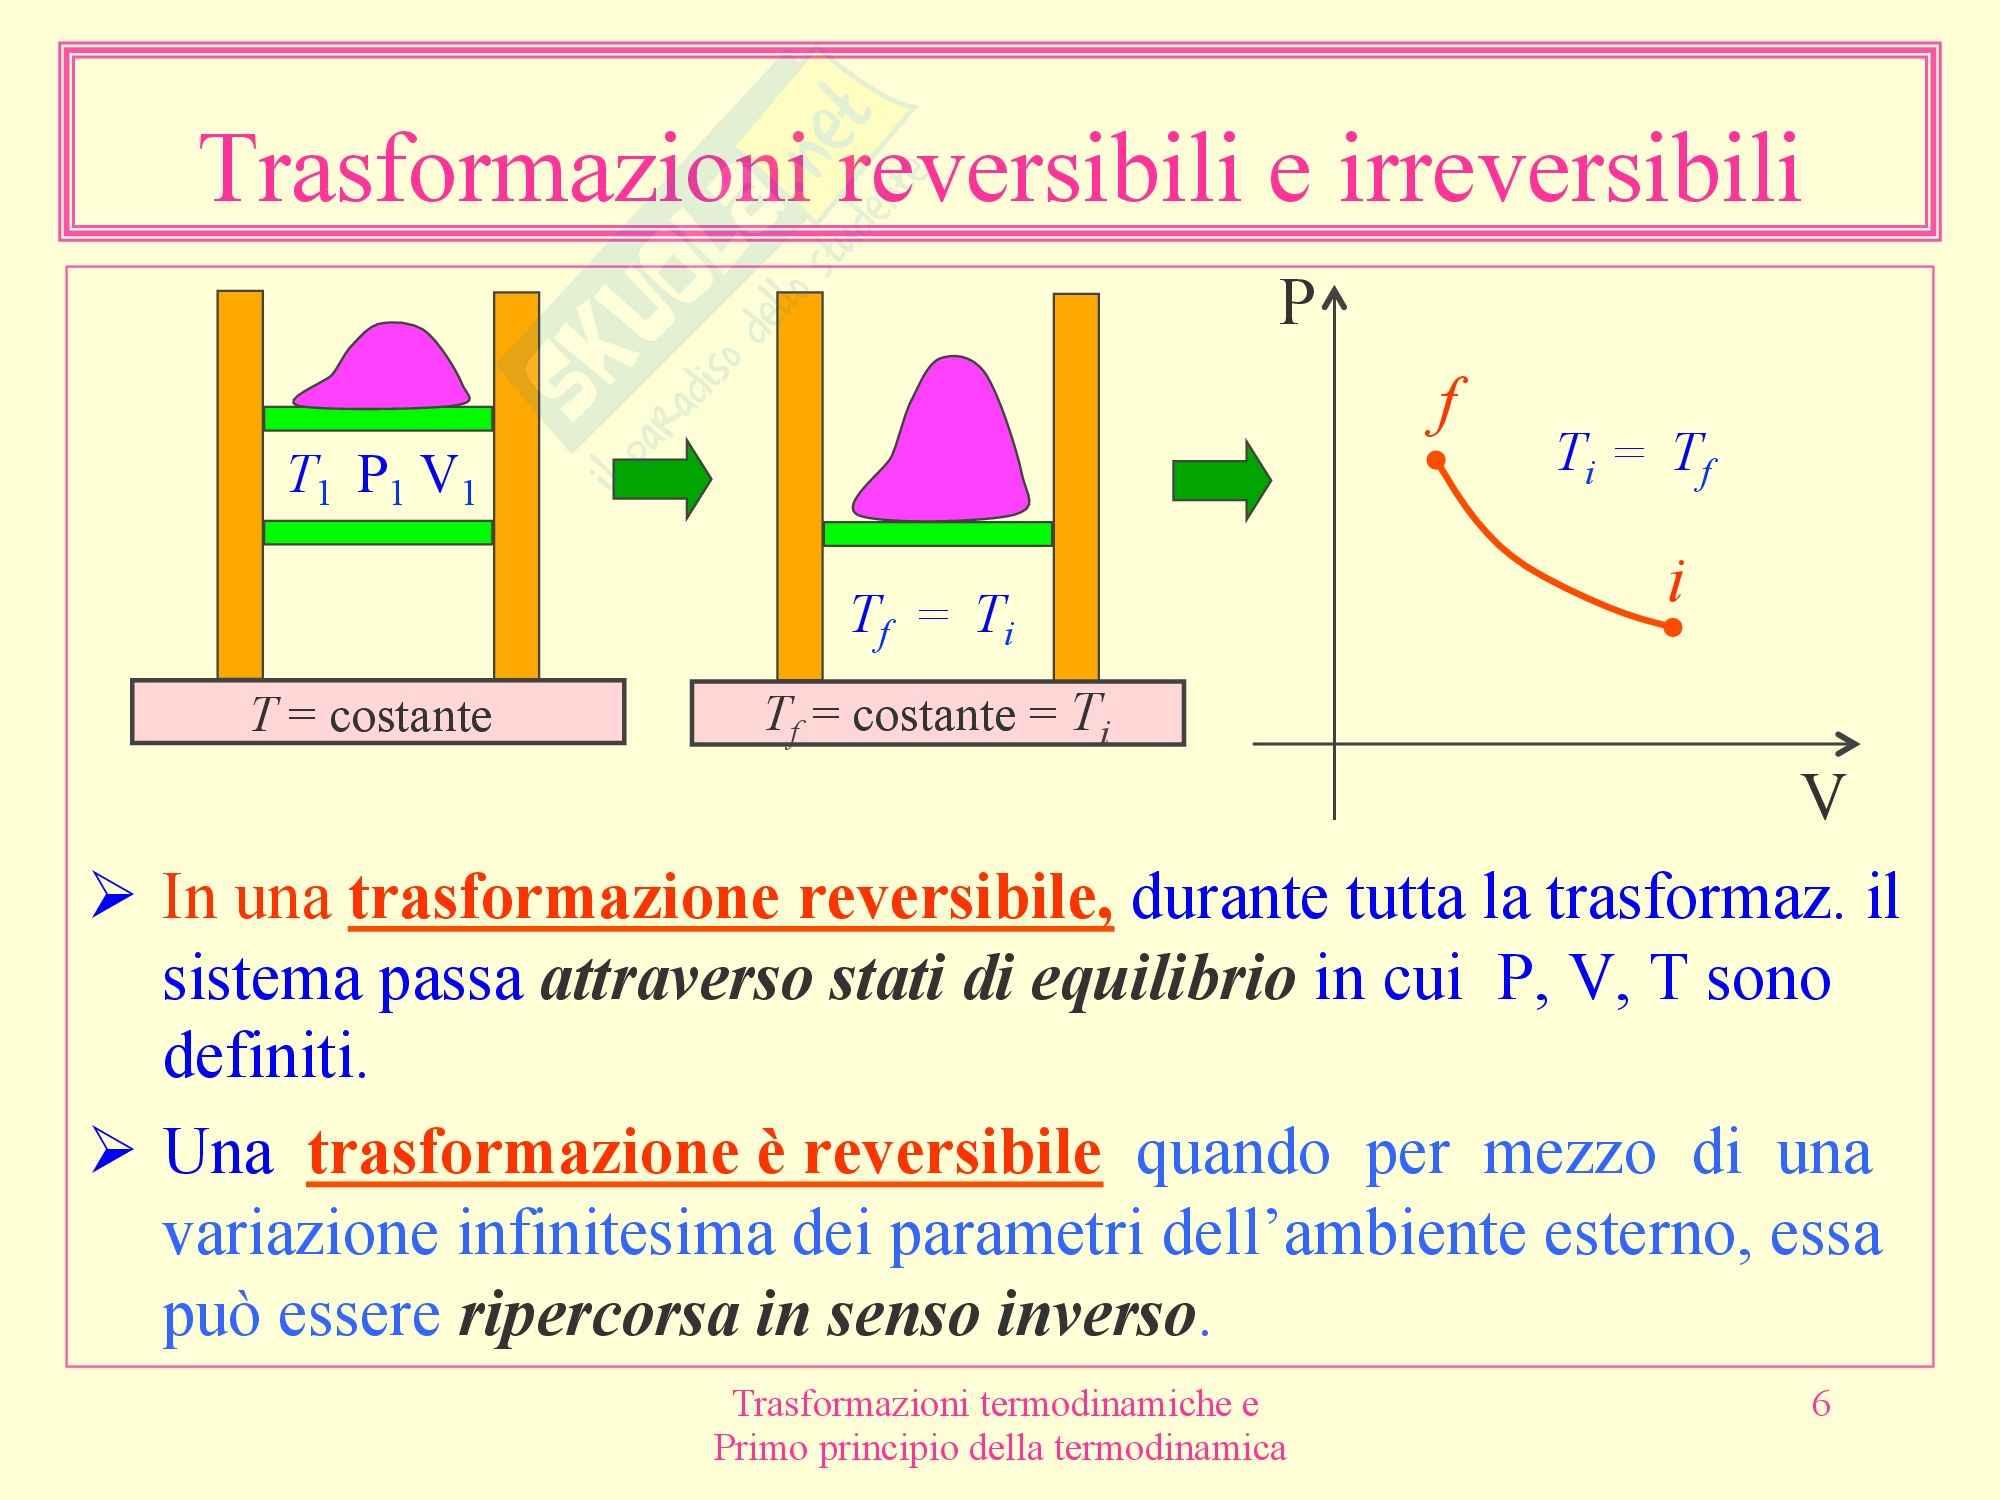 Fisica medica - termodinamica Pag. 6